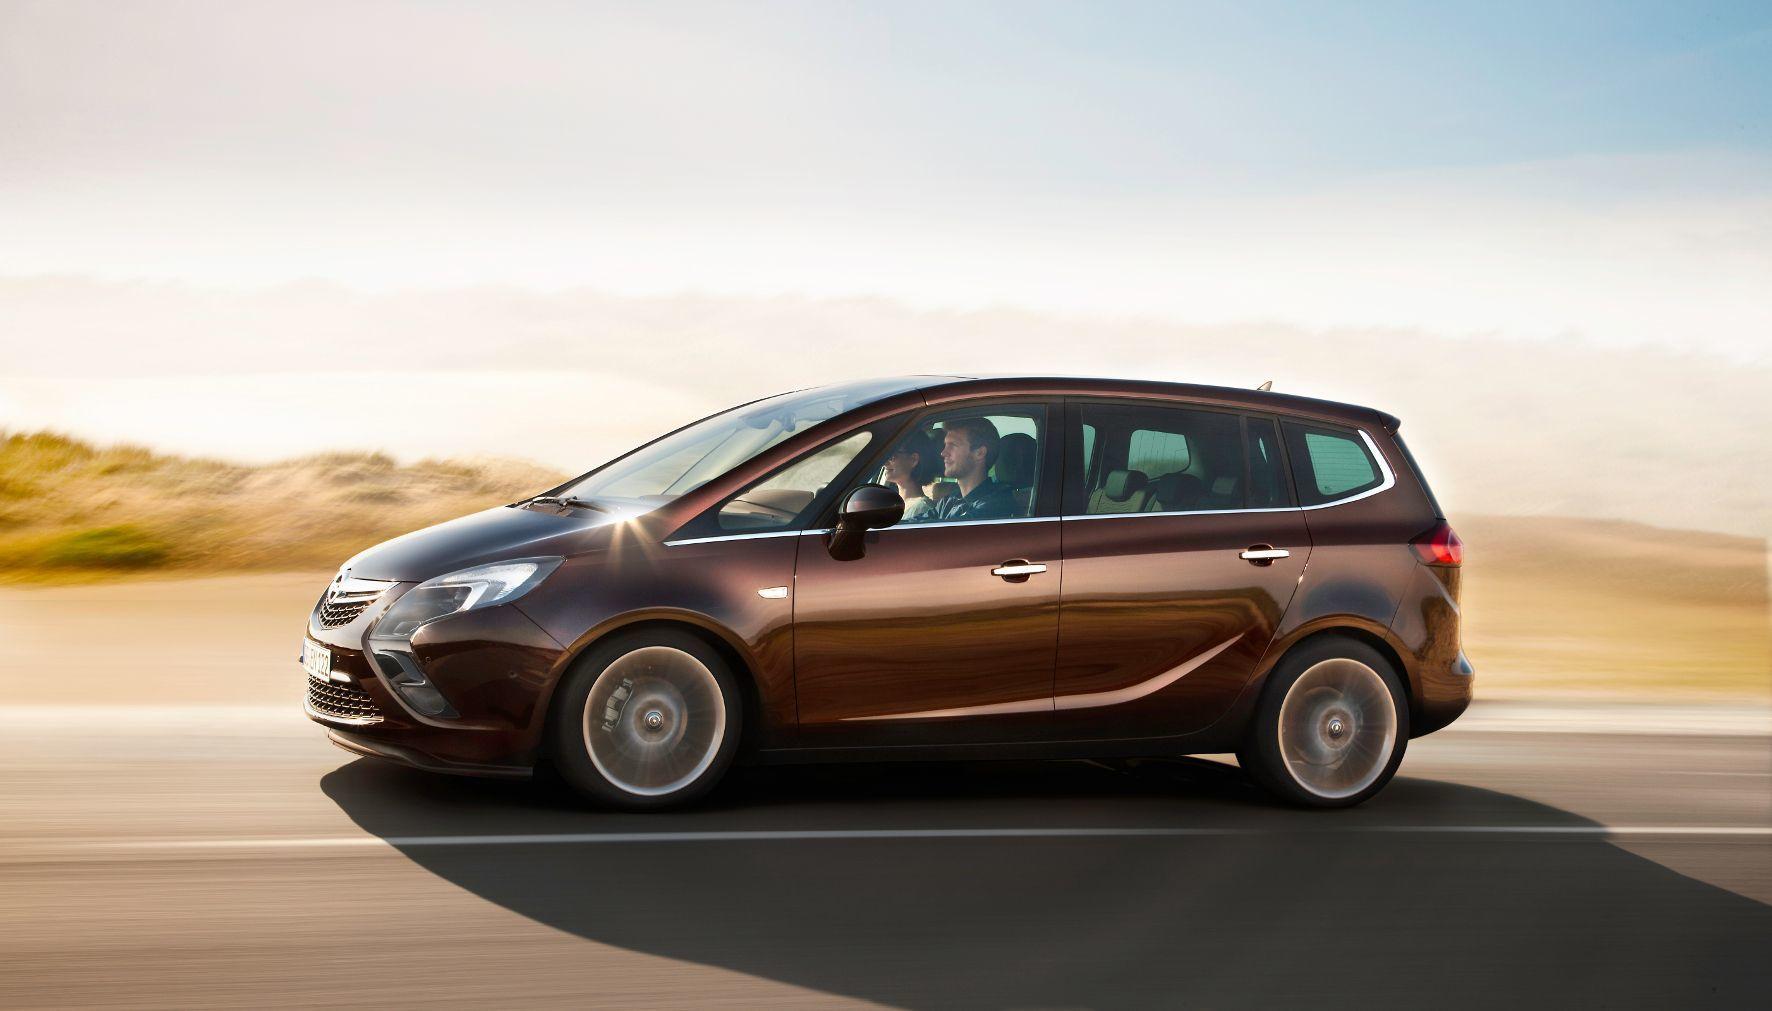 mid Groß-Gerau - Rasch mal ausspannen: Opels Zafira Tourer ist ein feiner Freizeit-Begleiter.